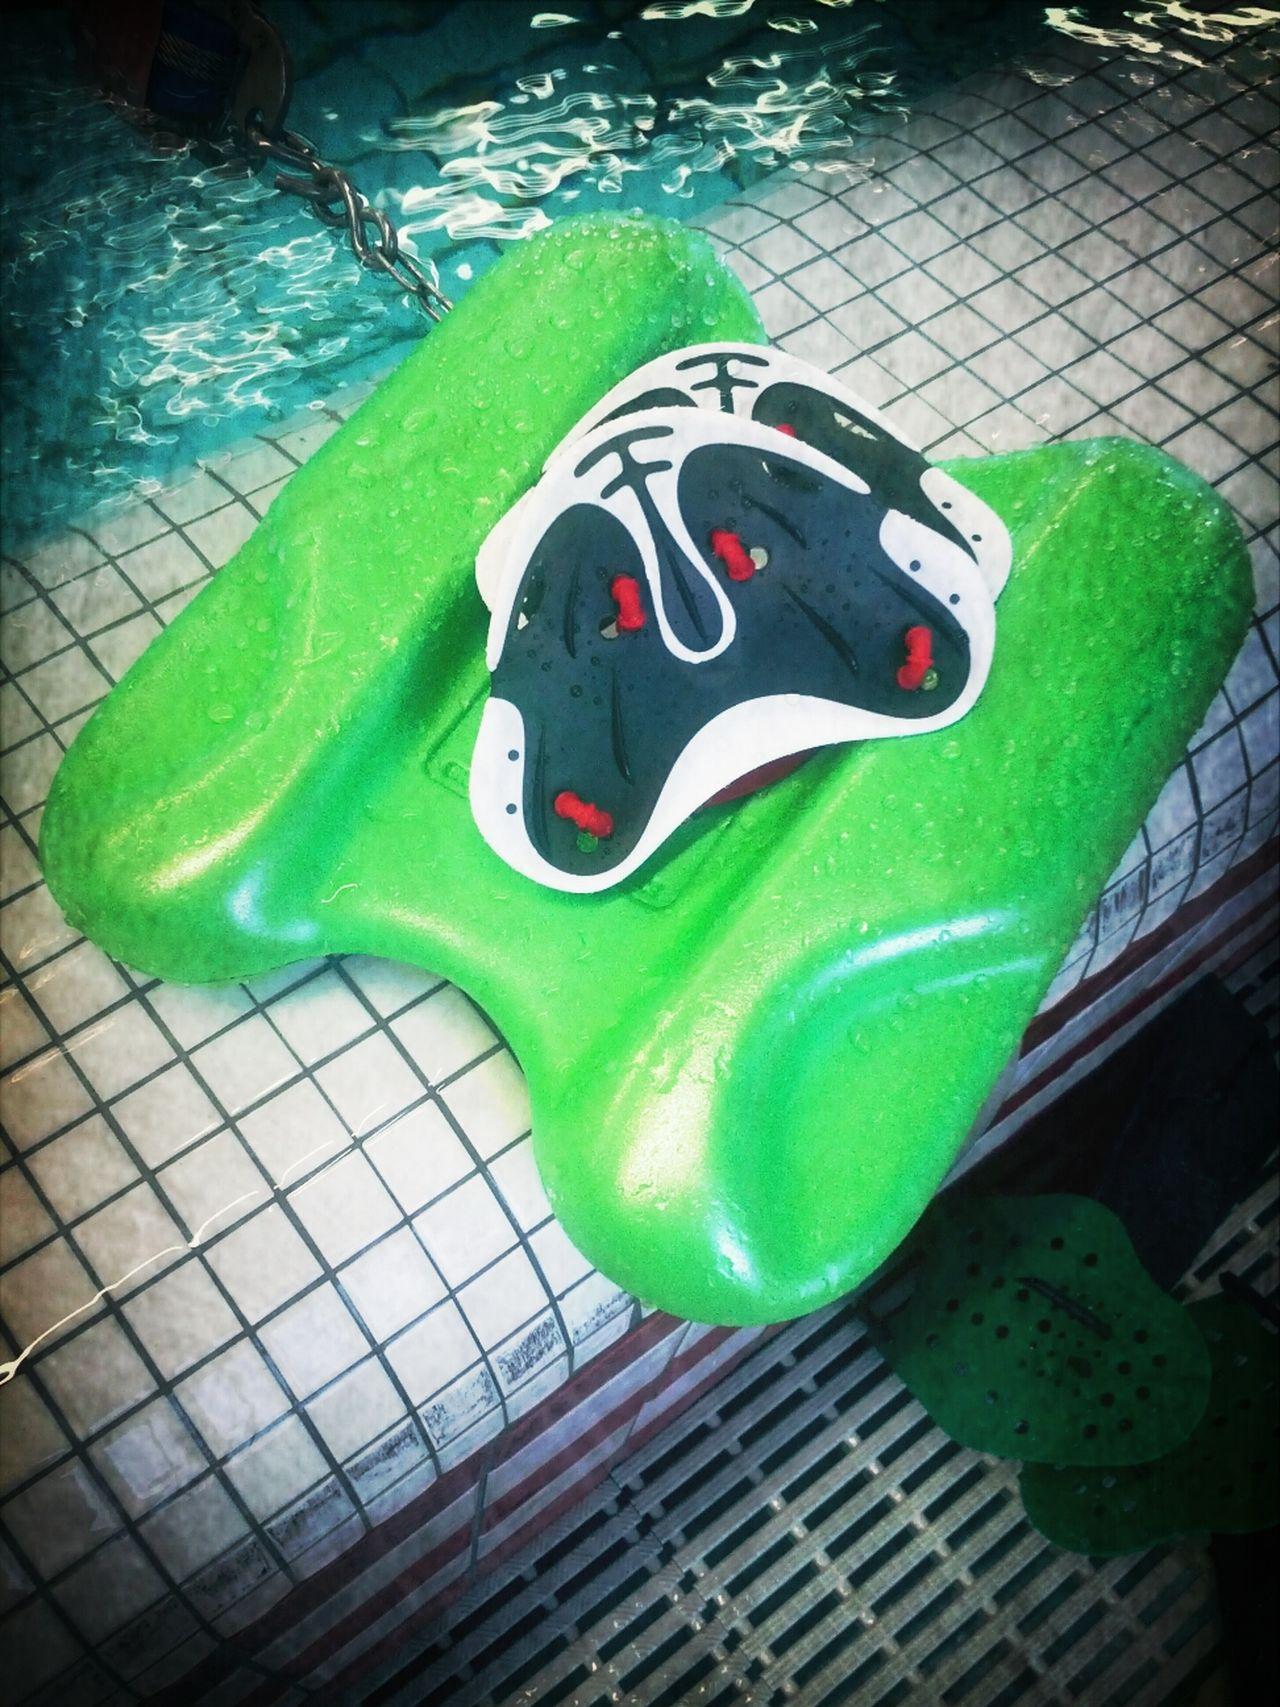 Fingerpaddeles und Pullkick - die neuen Freunde sind eine ganz starke Kombination. Techniktraining auf ungeahntem Level... Swim Swimming :-)